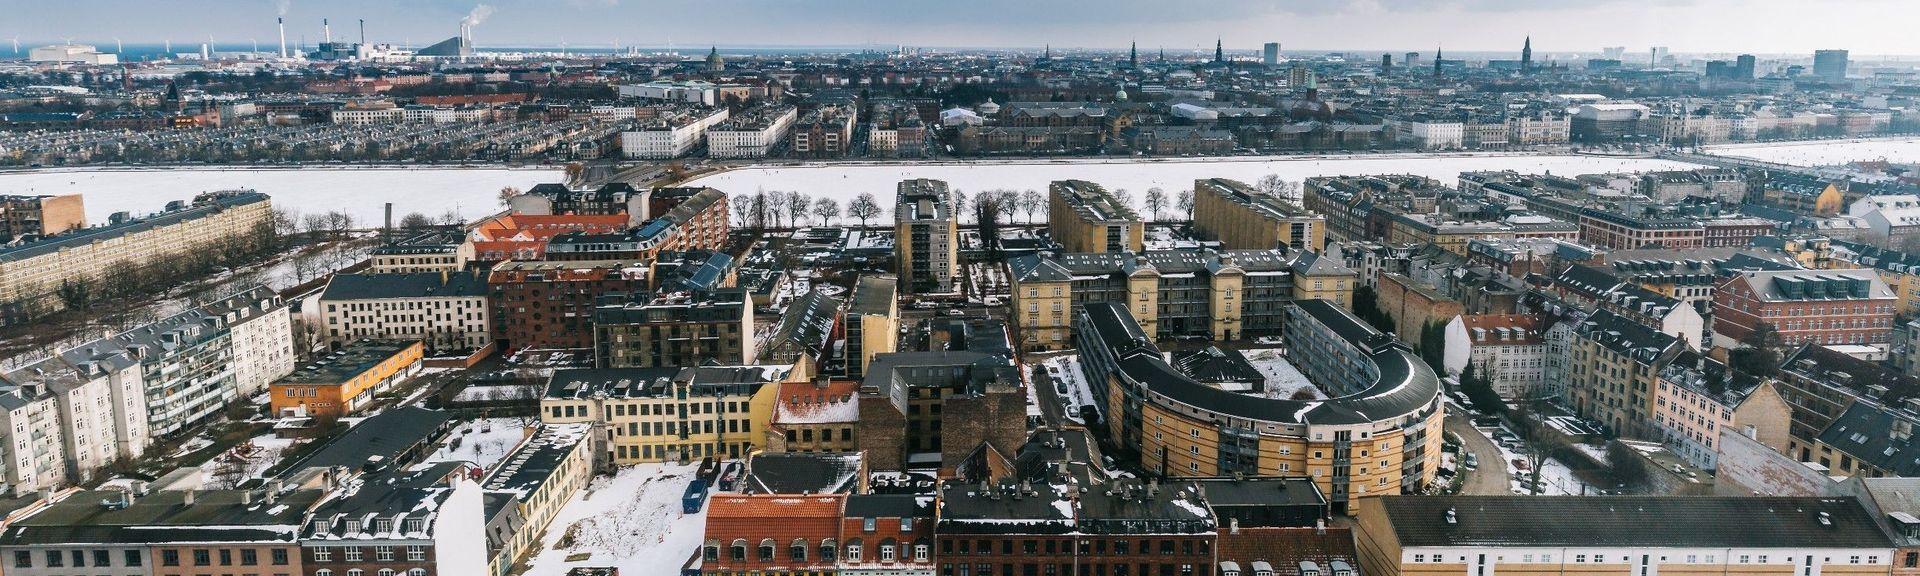 Nørrebro, København, Hovedstaden, Danmark